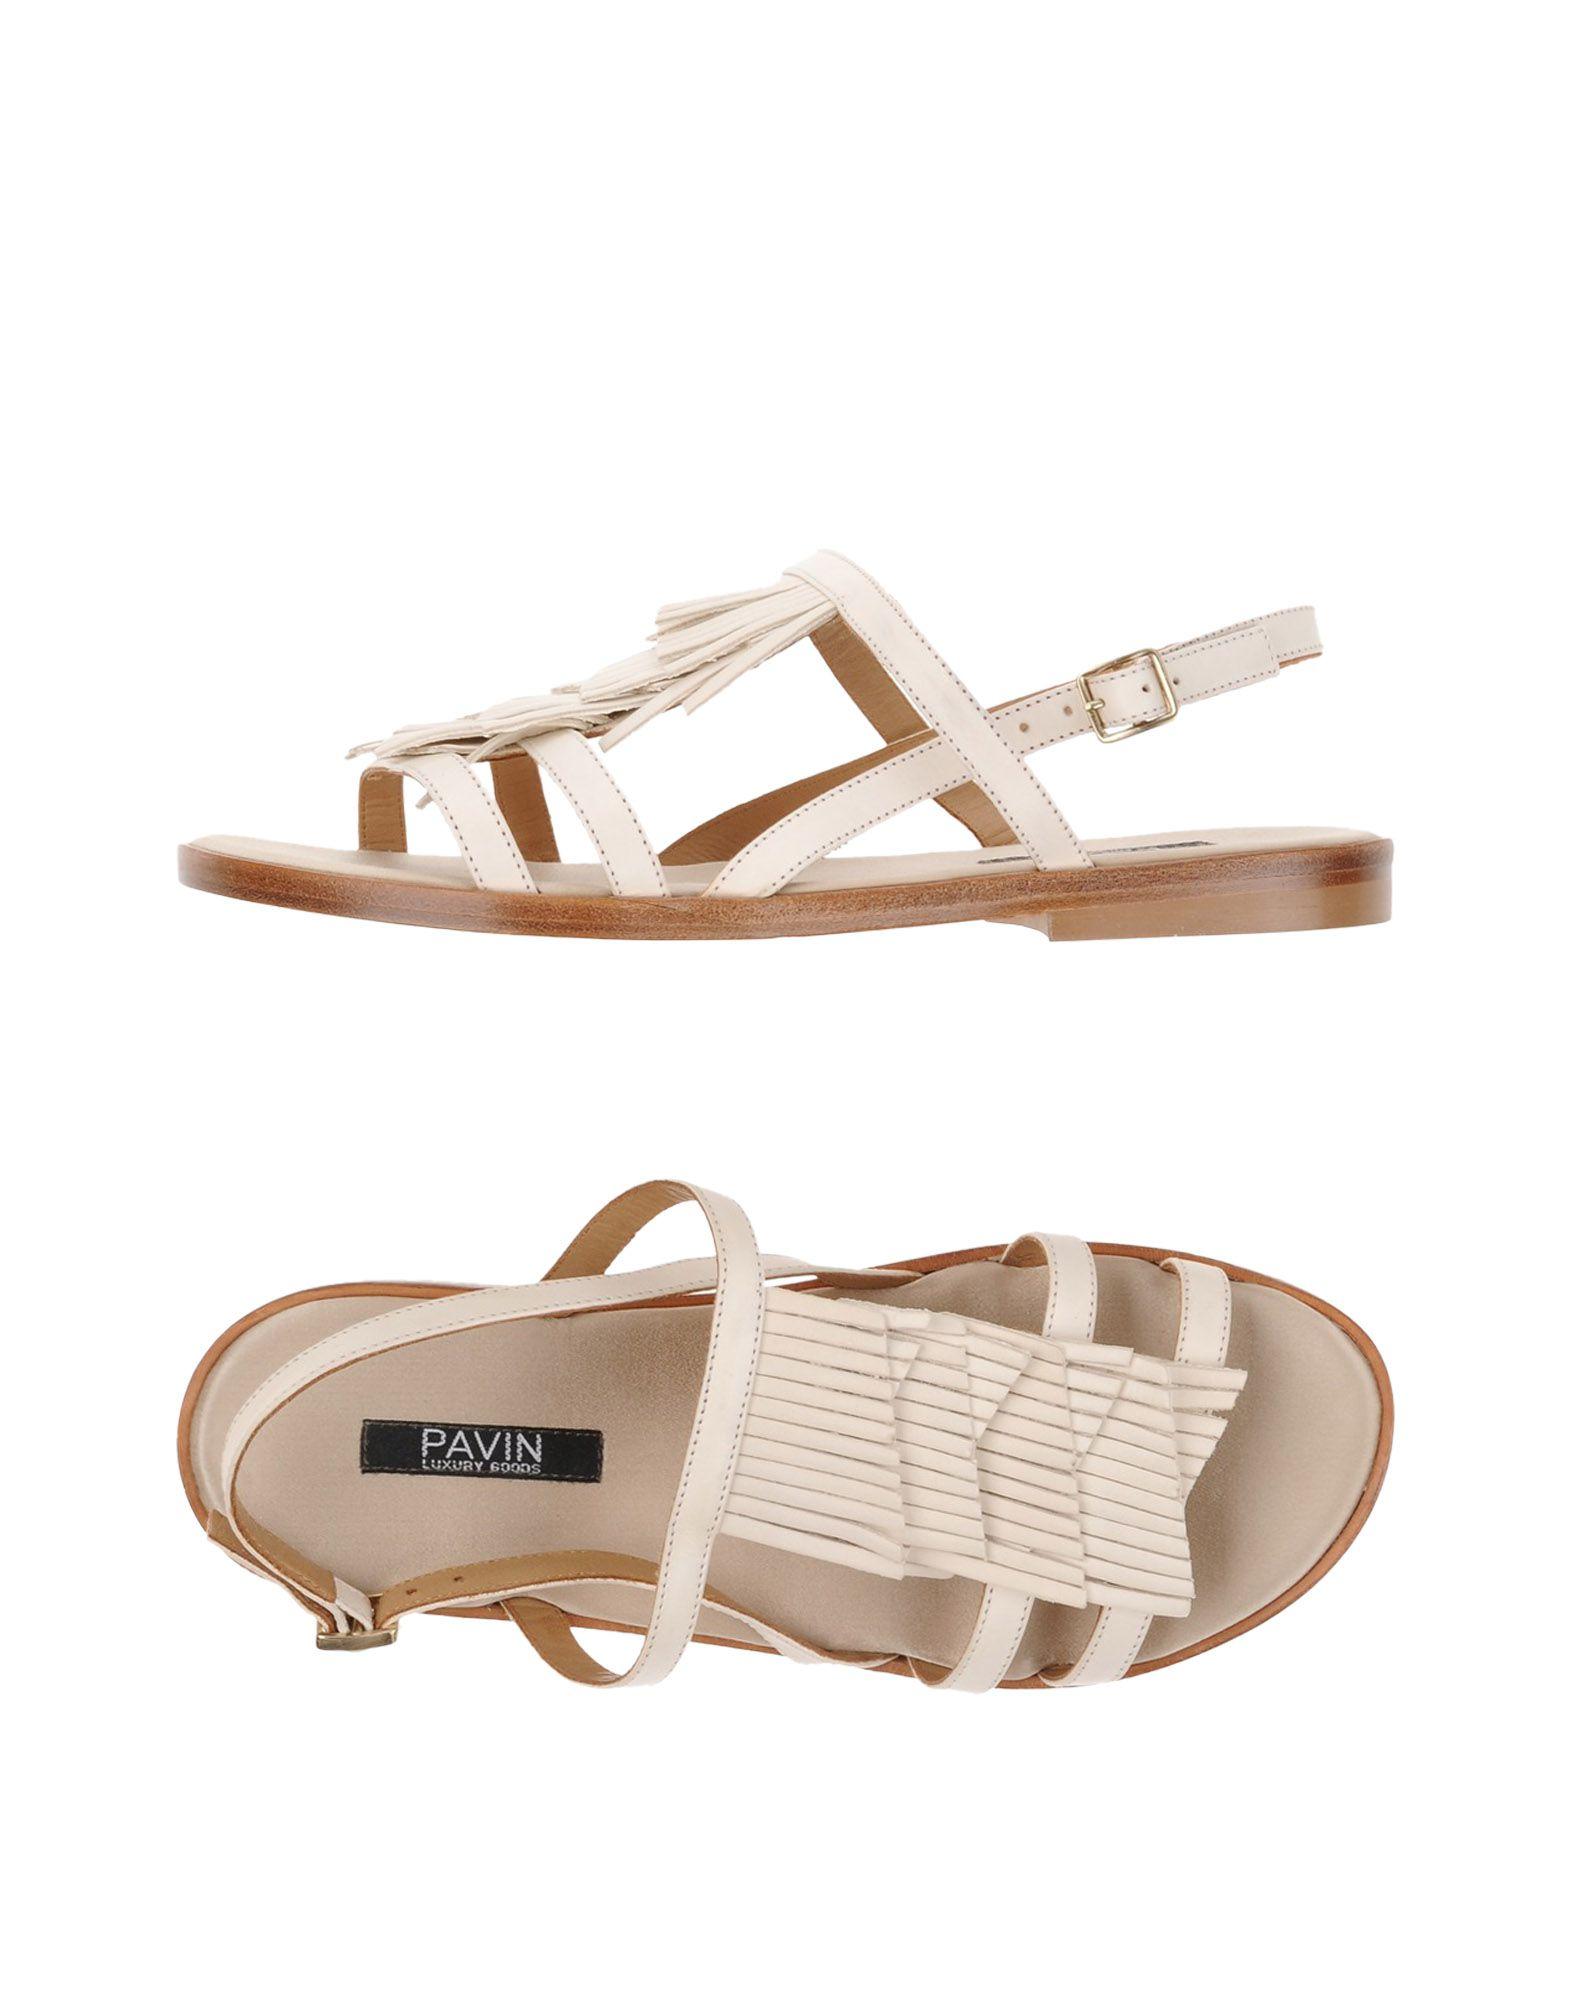 Pavin Sandalen Damen  11365529SQ Gute Qualität beliebte Schuhe